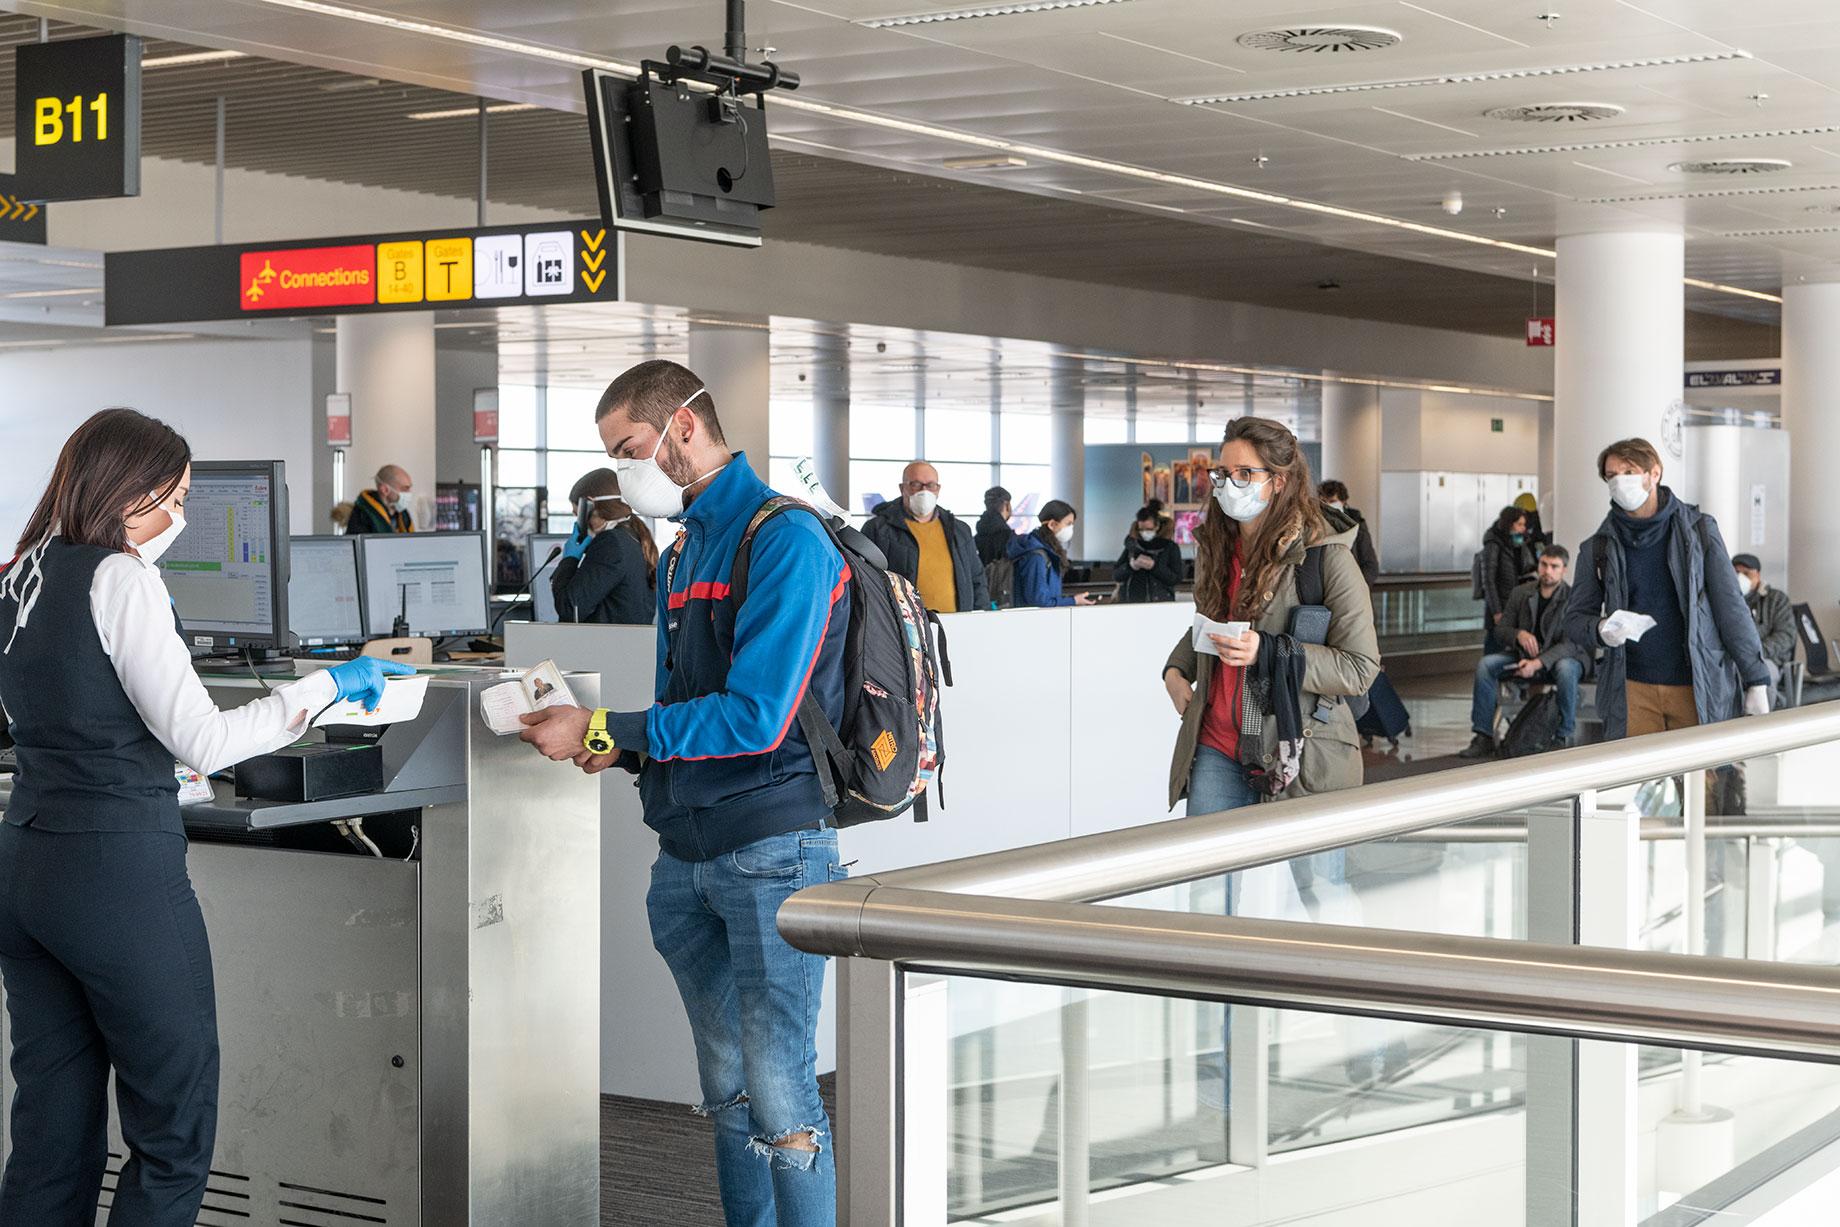 brussels-airport-terminal.jpg